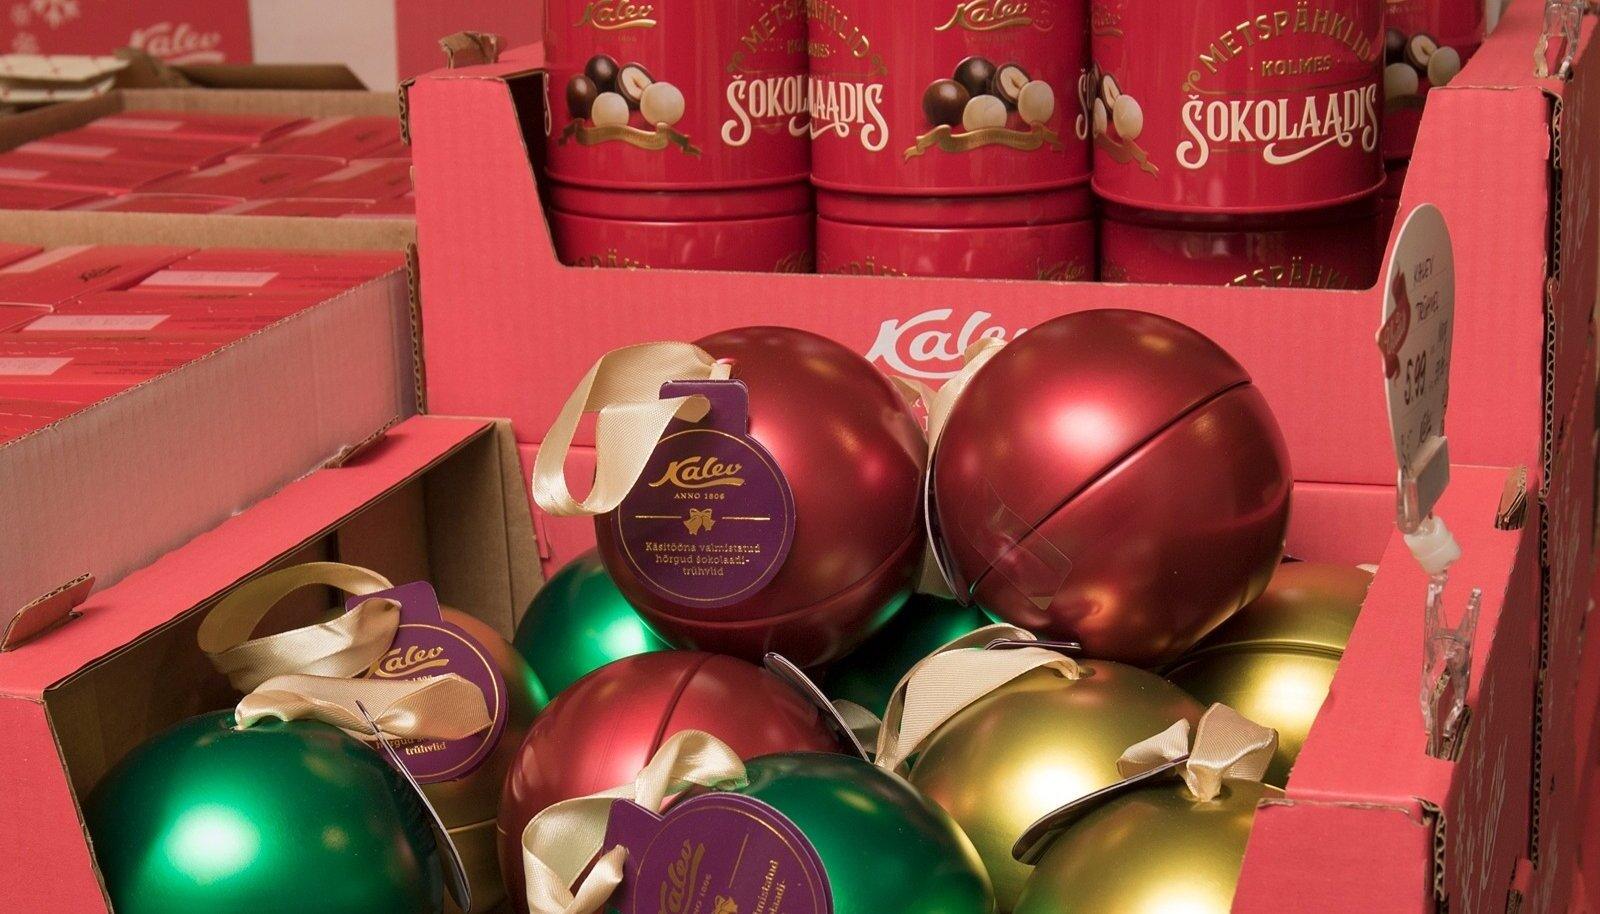 Pühade ajal võib - šokolaad ja jõulud on lahutamatud